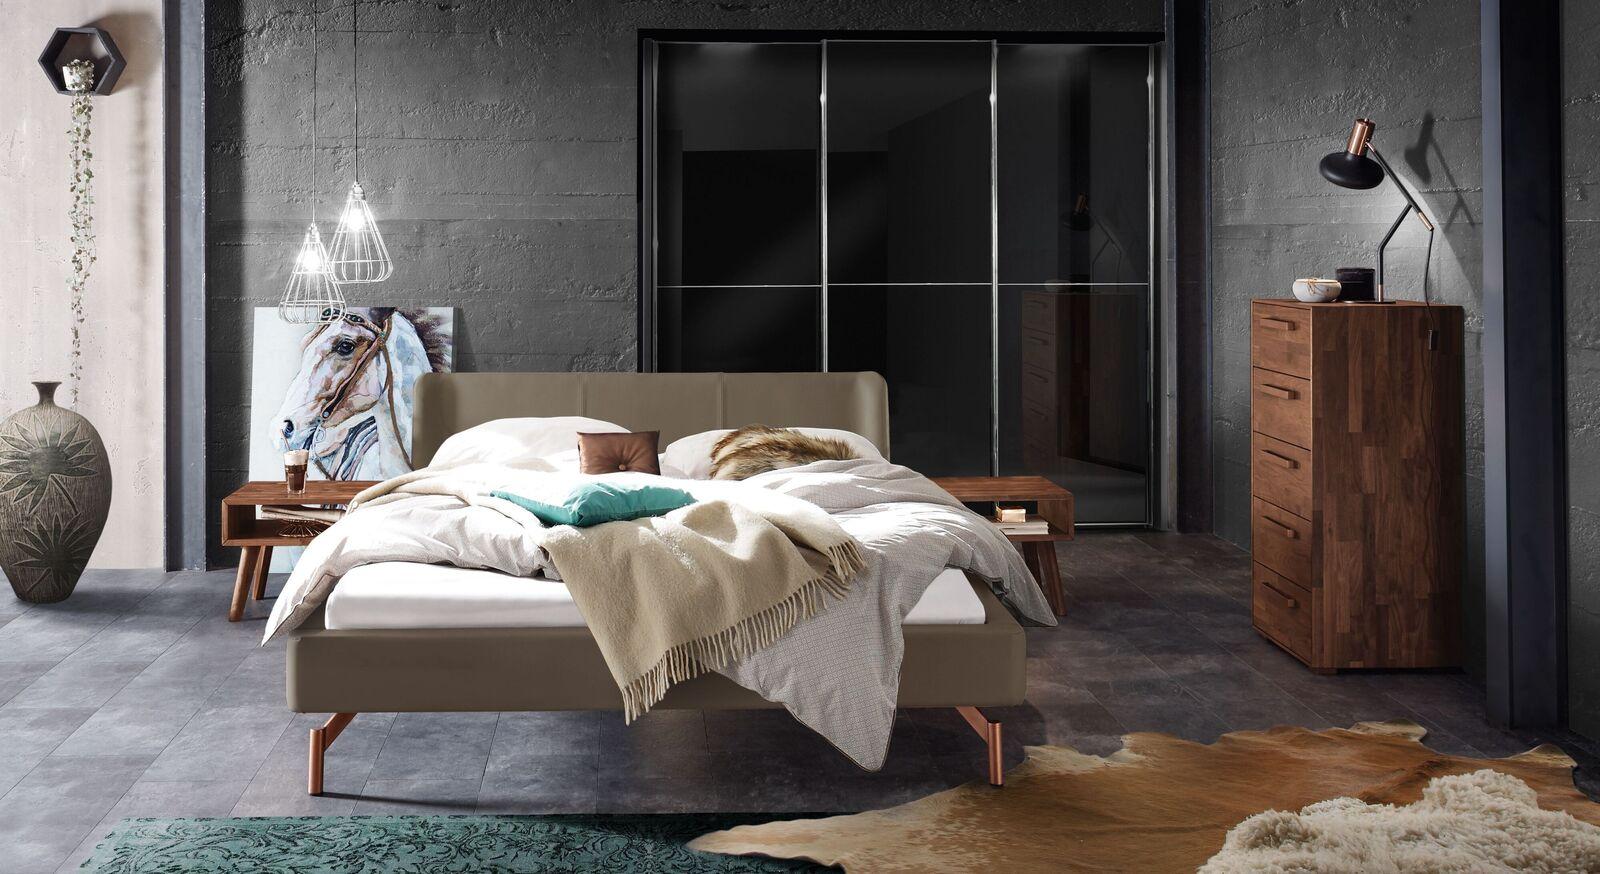 Bett Jacalto mit passender Schlafzimmer-Ausstattung